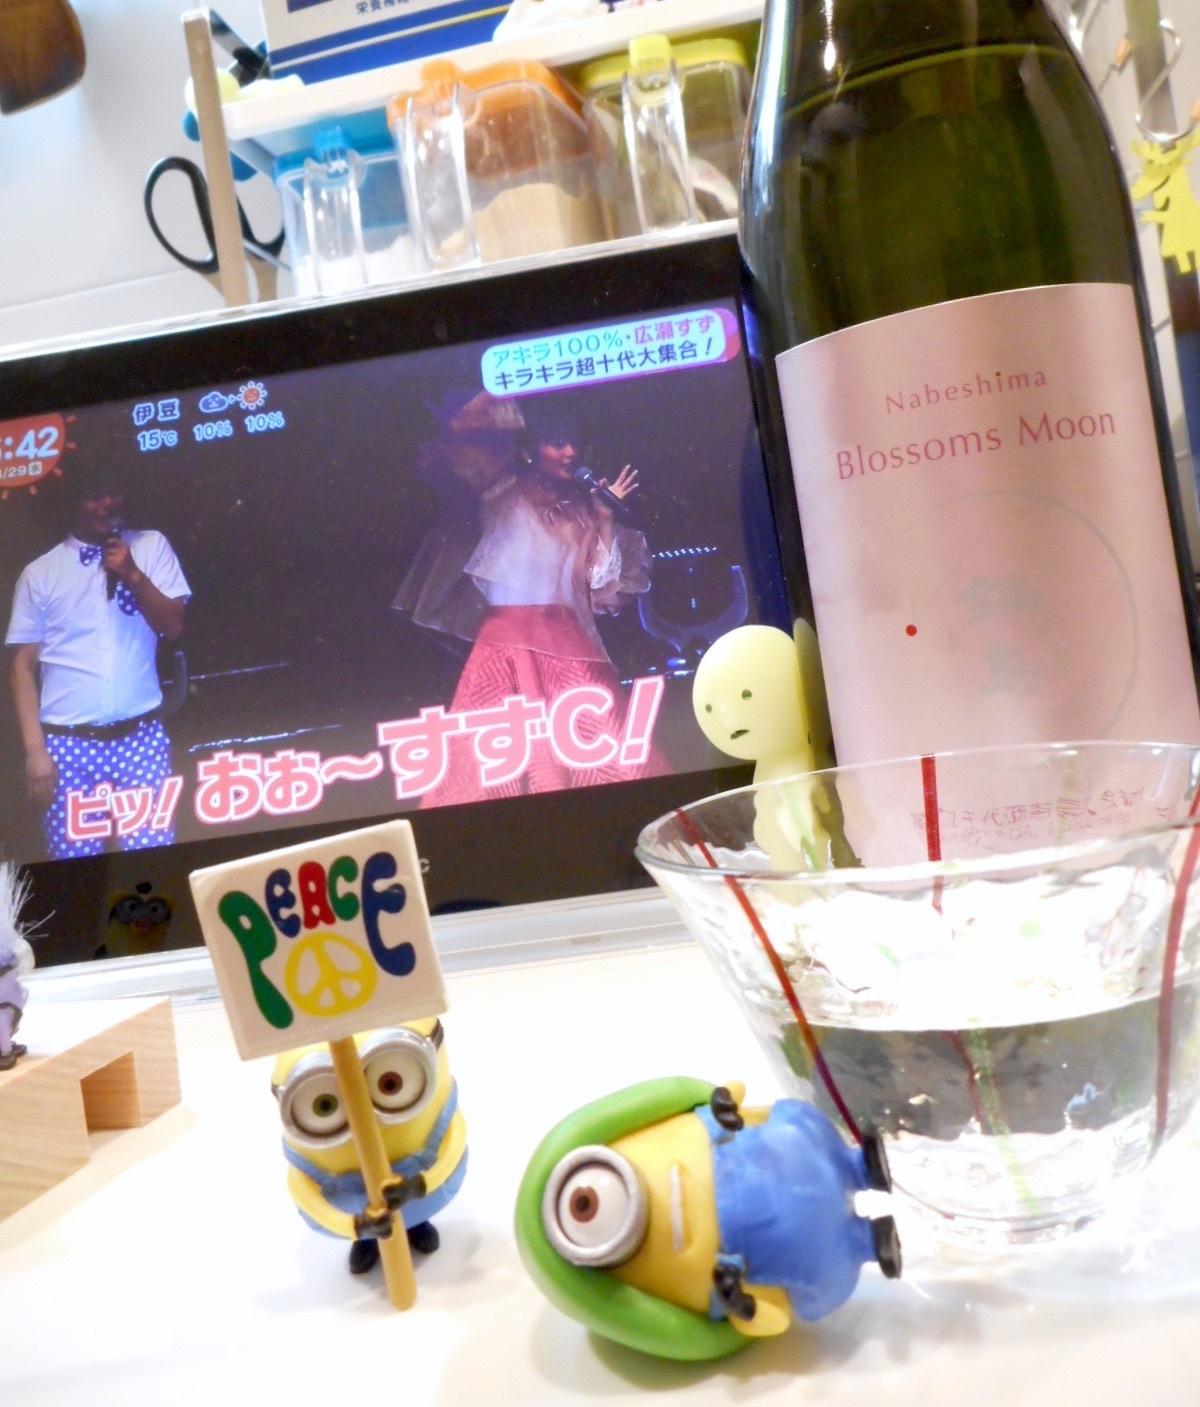 nabeshima_blossom28by8.jpg